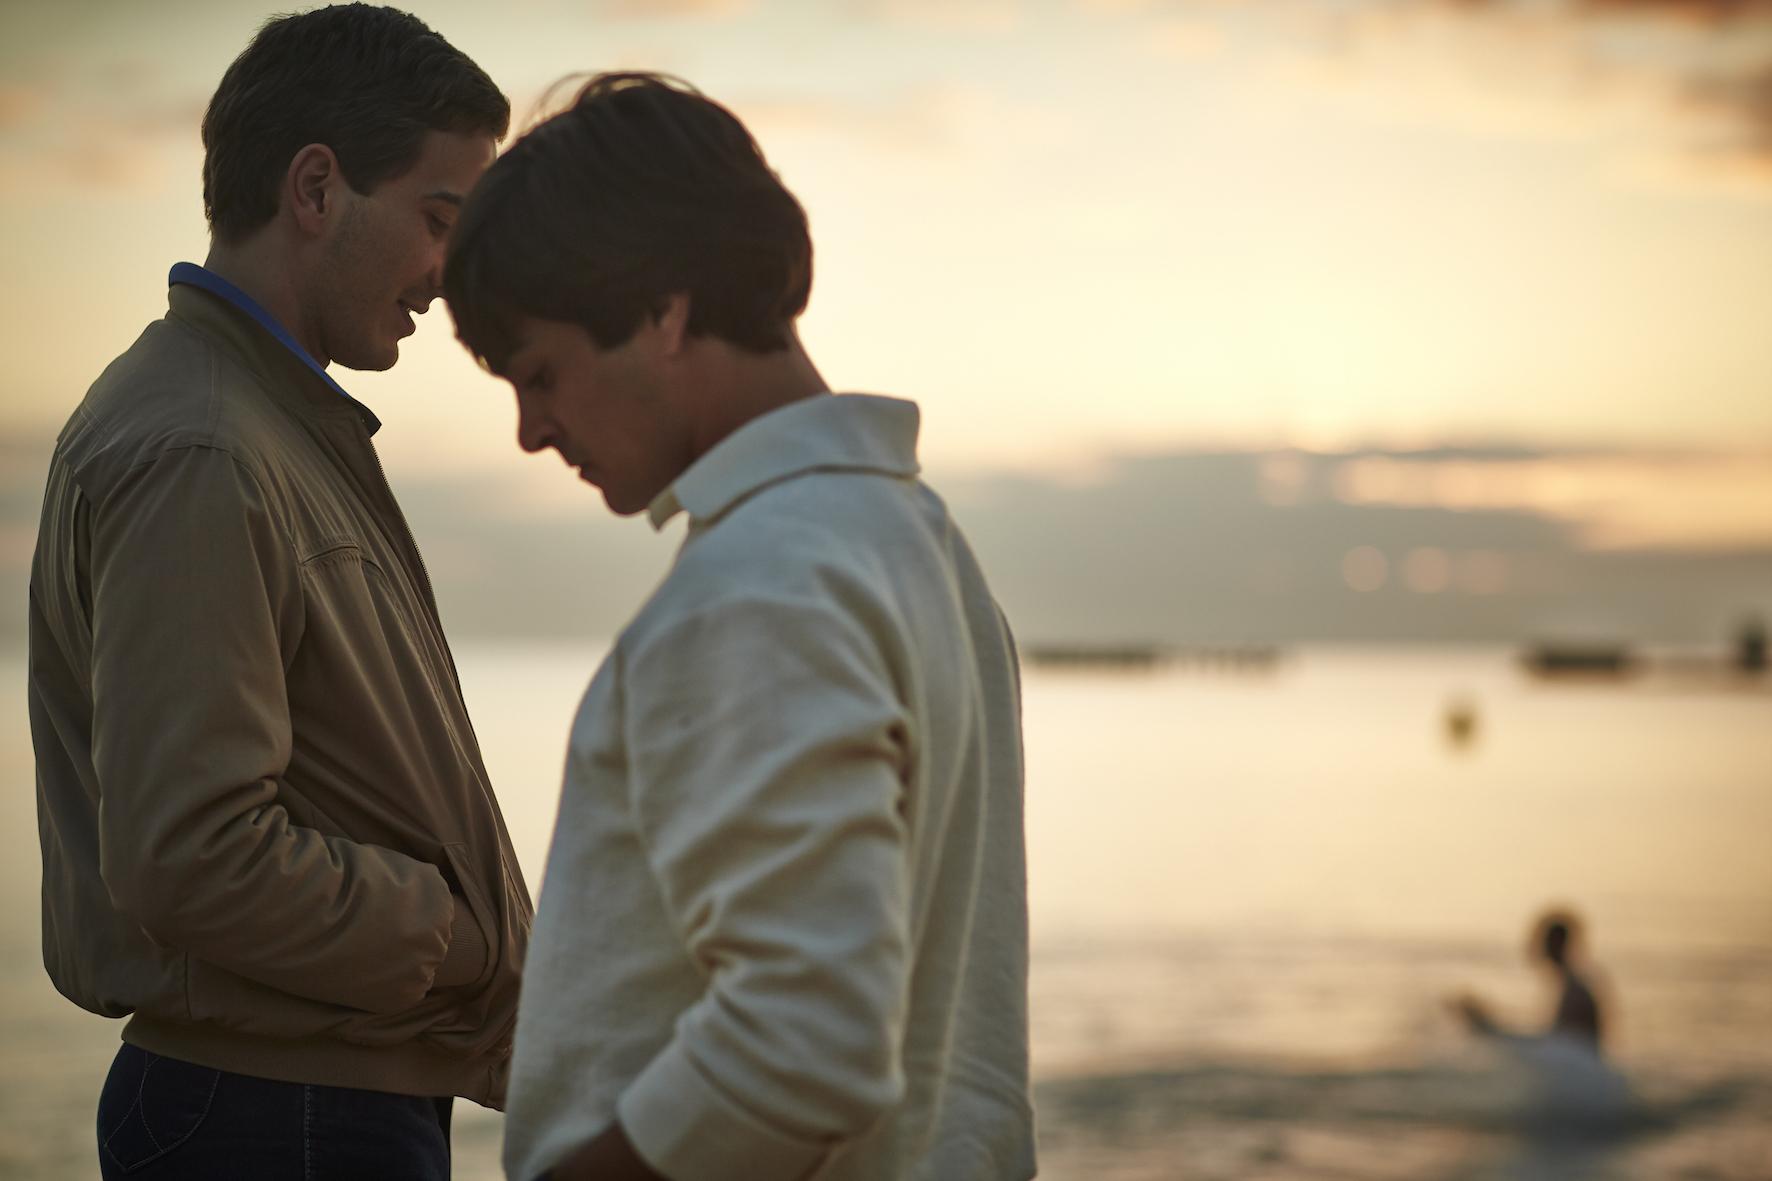 Duygusal Bir İlişkiye Hazır Olmadığınızı Gösteren '7' Belirti